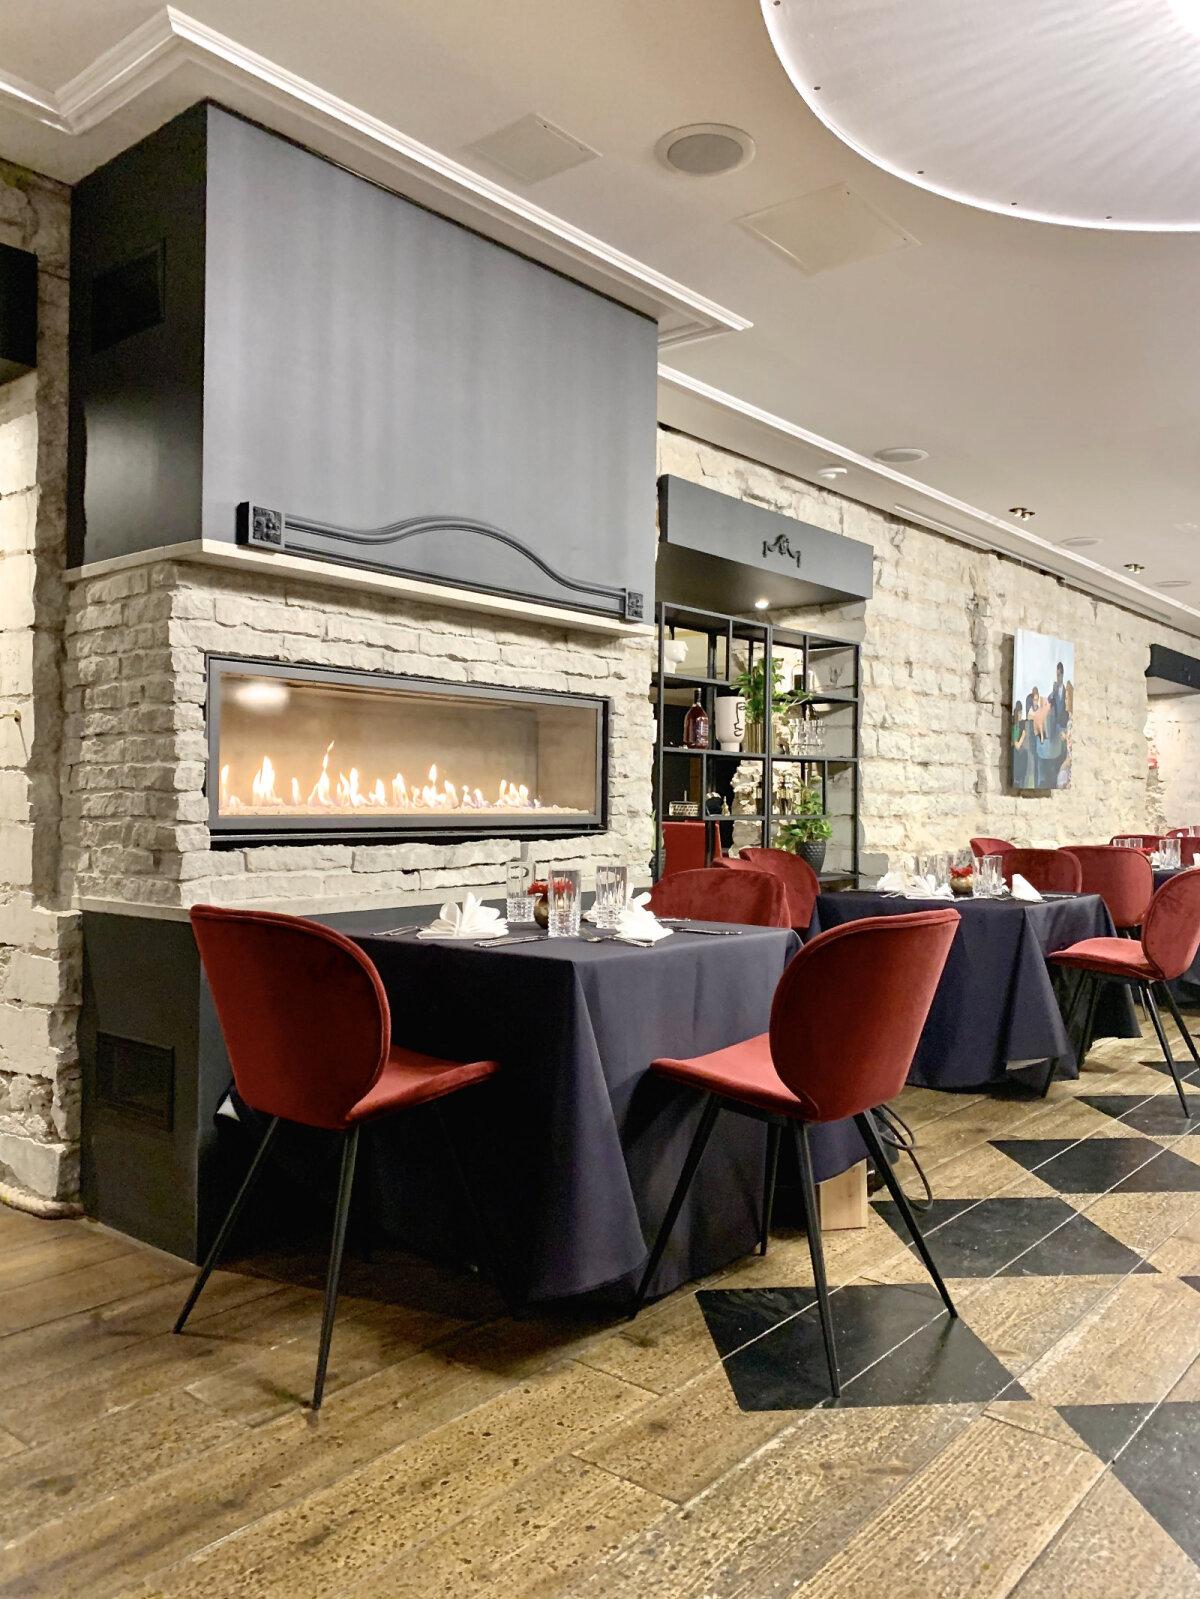 Restoranile uue ilme andmisel lõi kaasa kogu pere - peaaegu iga ruutmeeter ruumis sai uue värvikihi